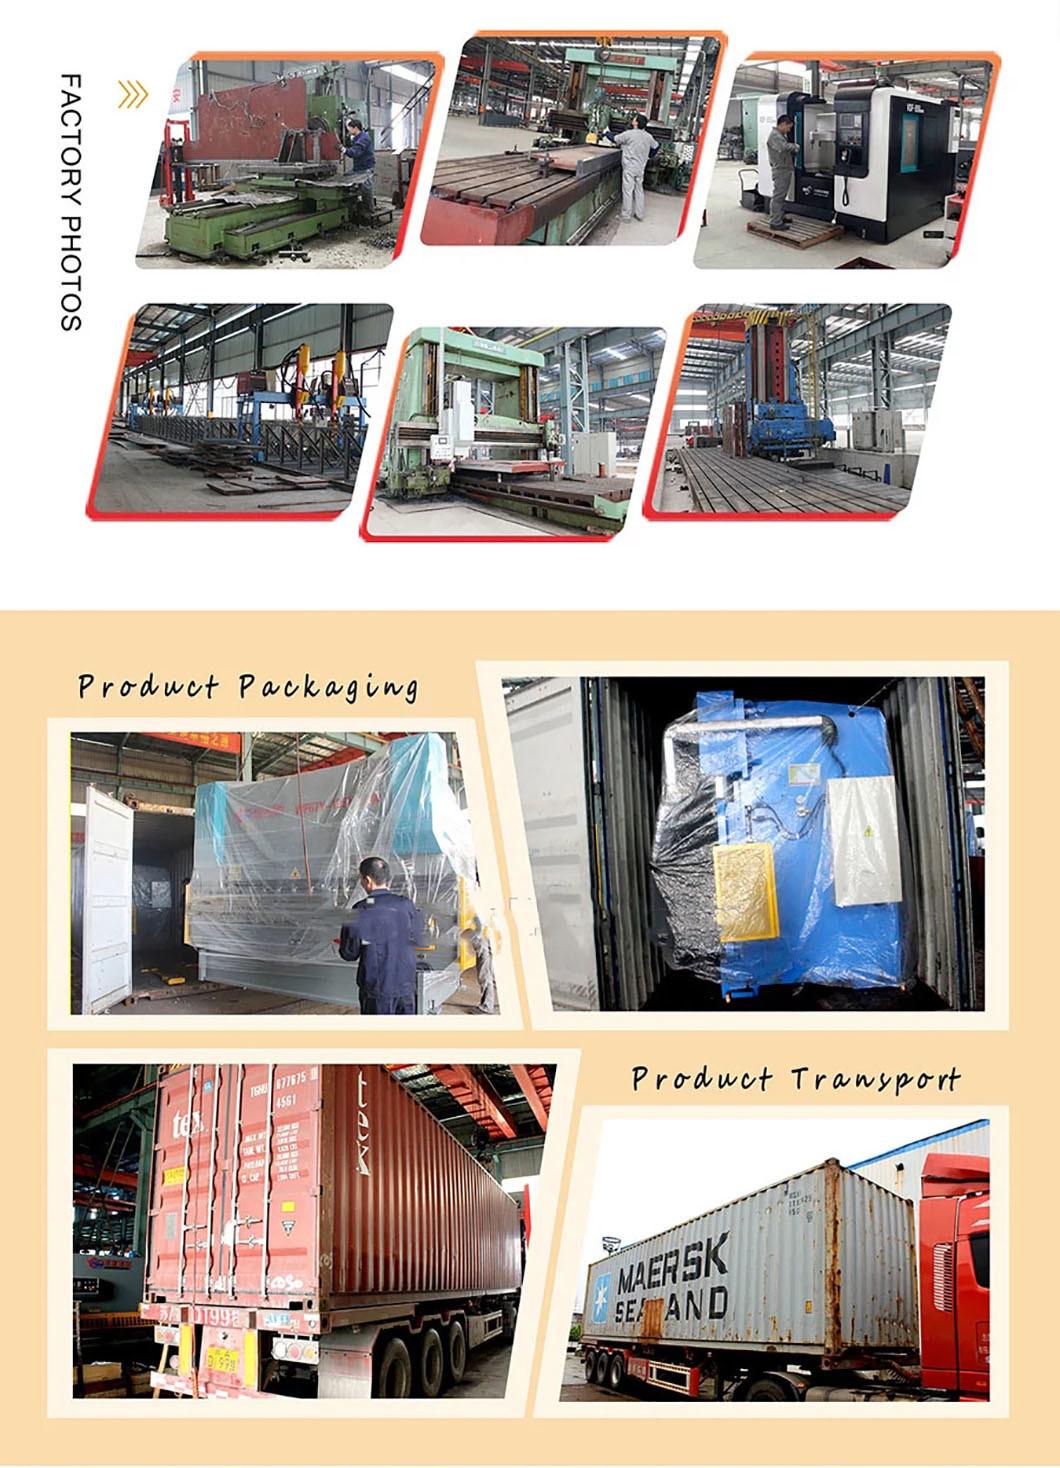 New Business Project Prensa de energía hidráulica de extrusión en frío de 1000 toneladas